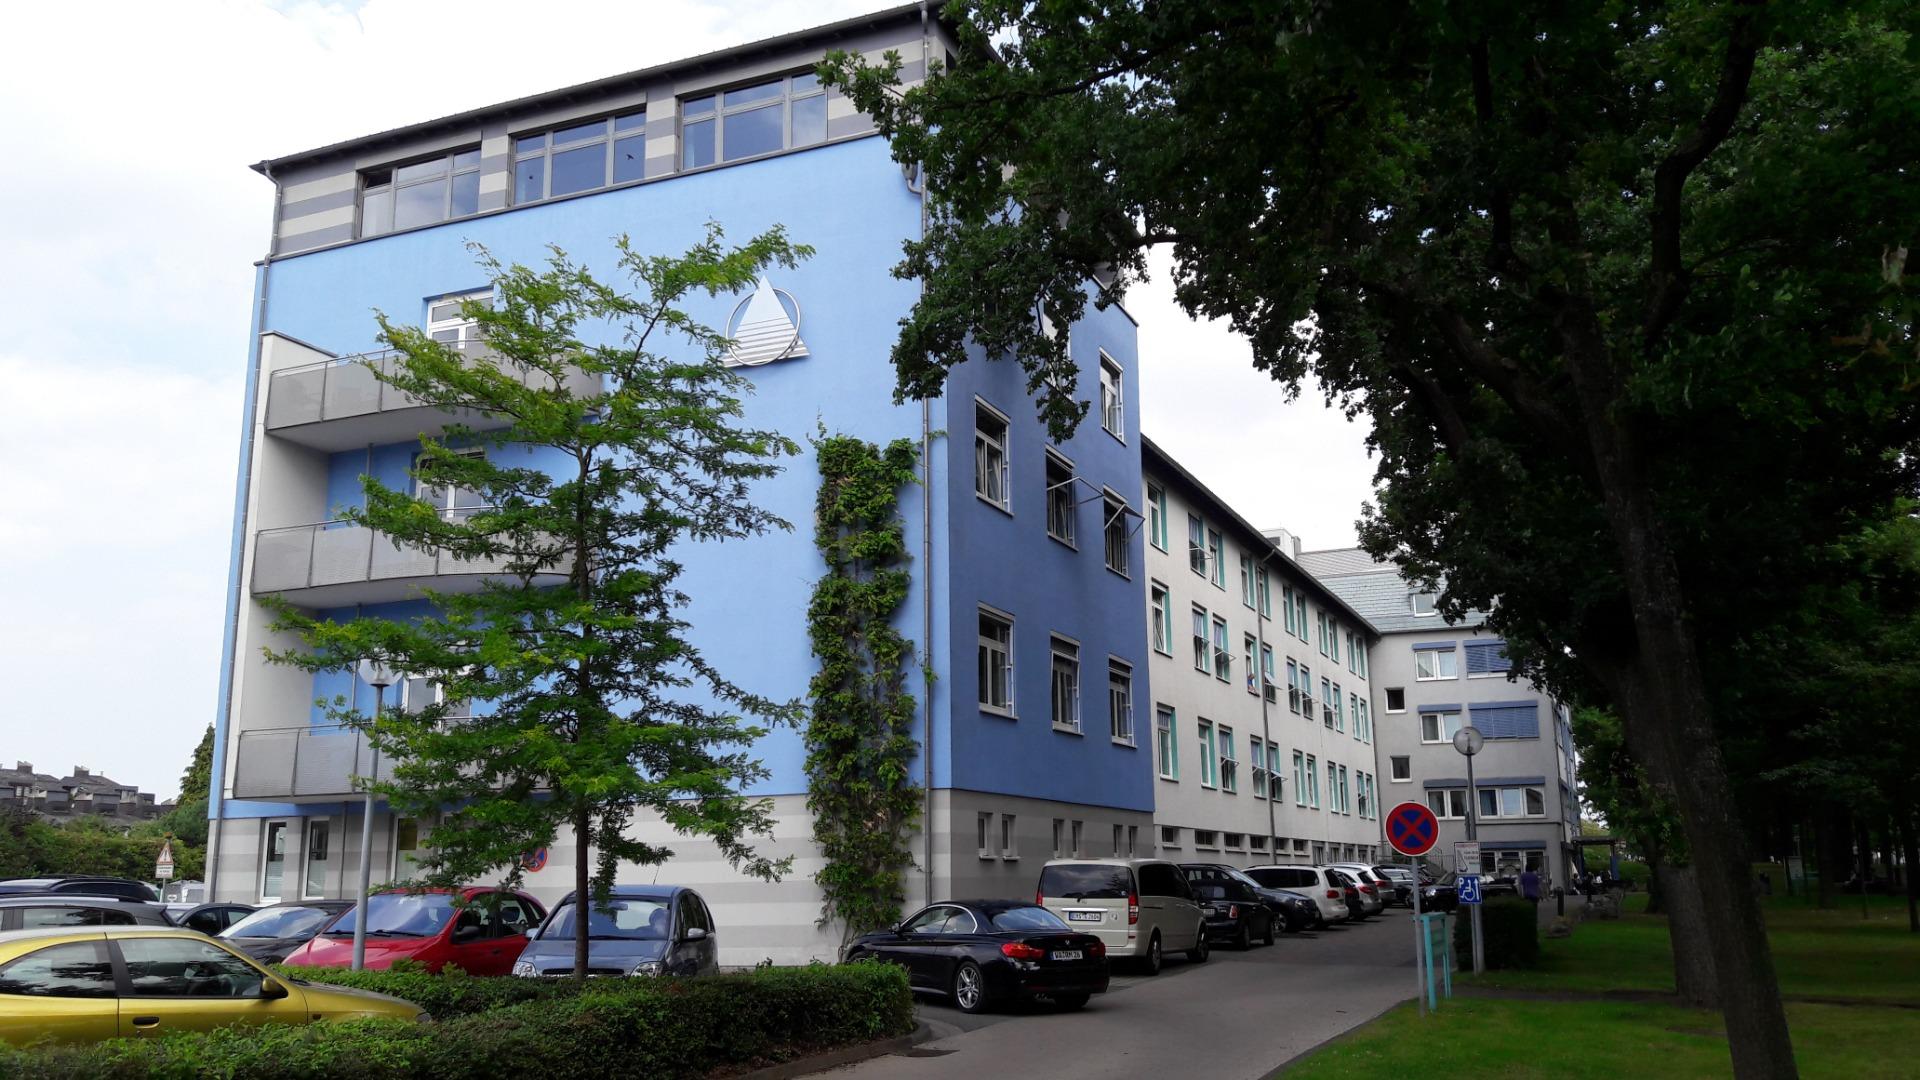 Augenarzt Bad Arolsen